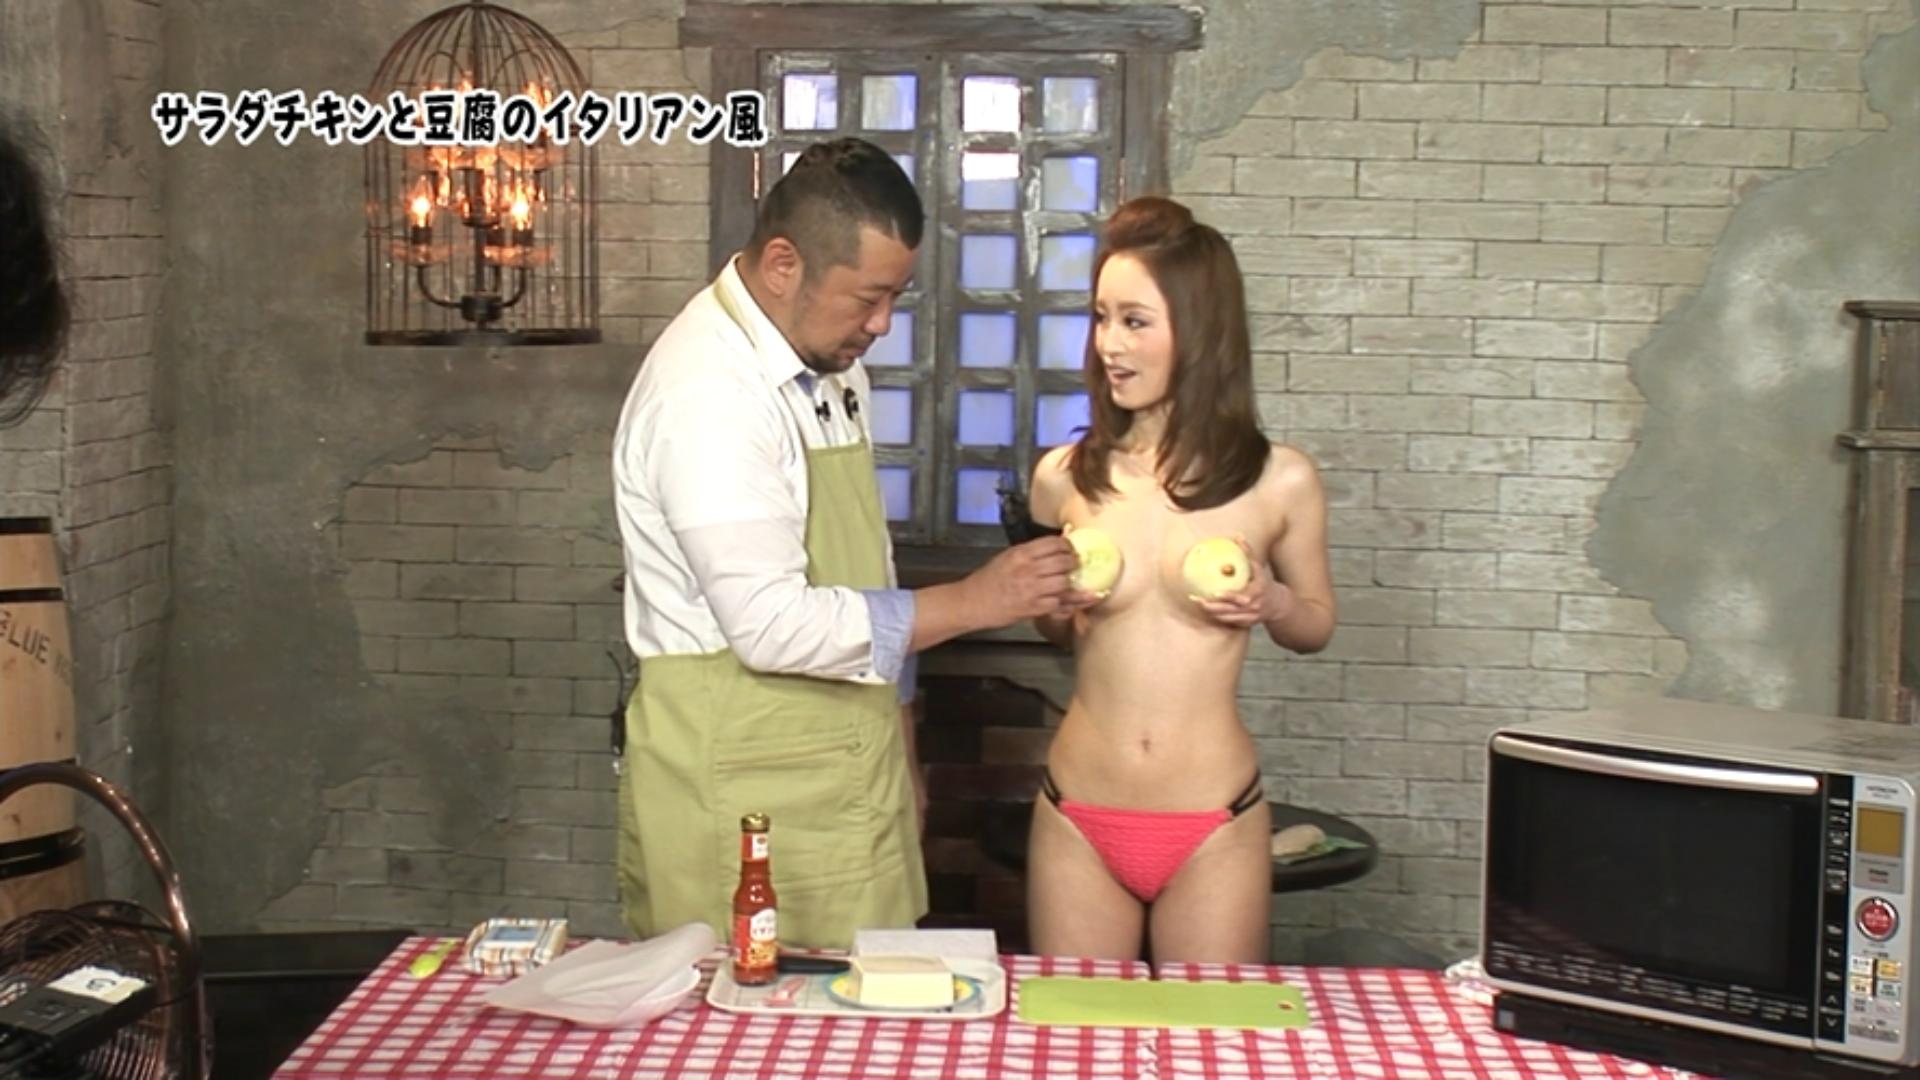 【エロ画像】桐嶋りのとかいうav女優がトップレスお乳丸出し状態でケンコバと料理番組やってるんだがwwwwwwwwwwwwwwwwww(えろキャプ画像あり)